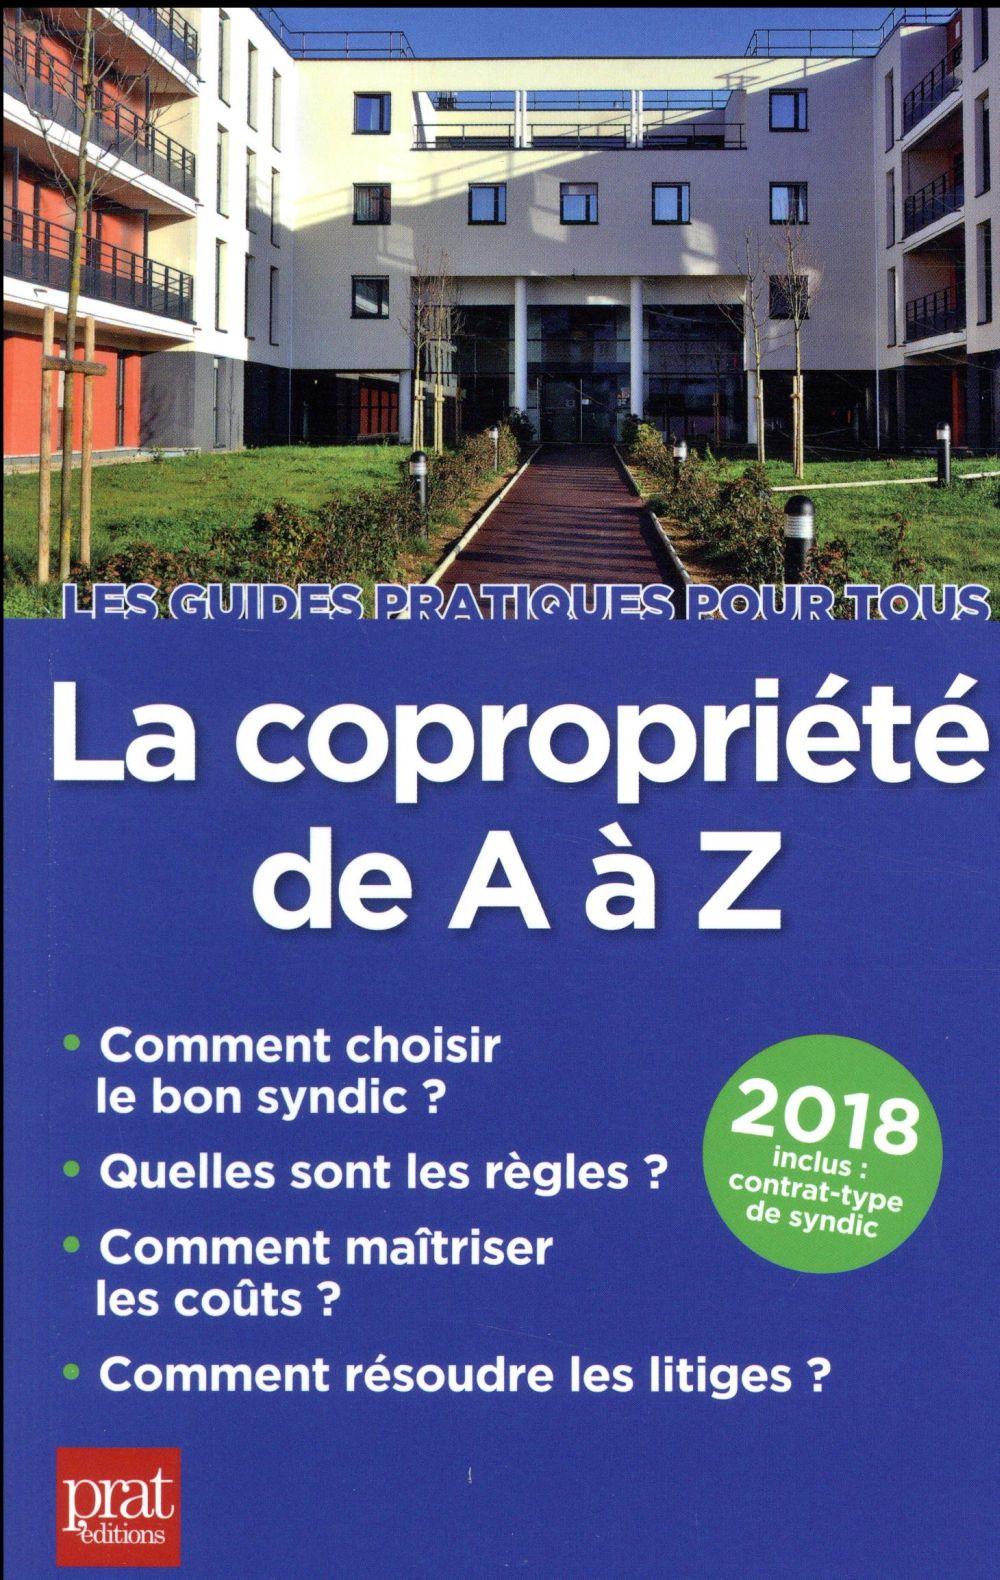 LA COPROPRIETE DE A A Z 2018